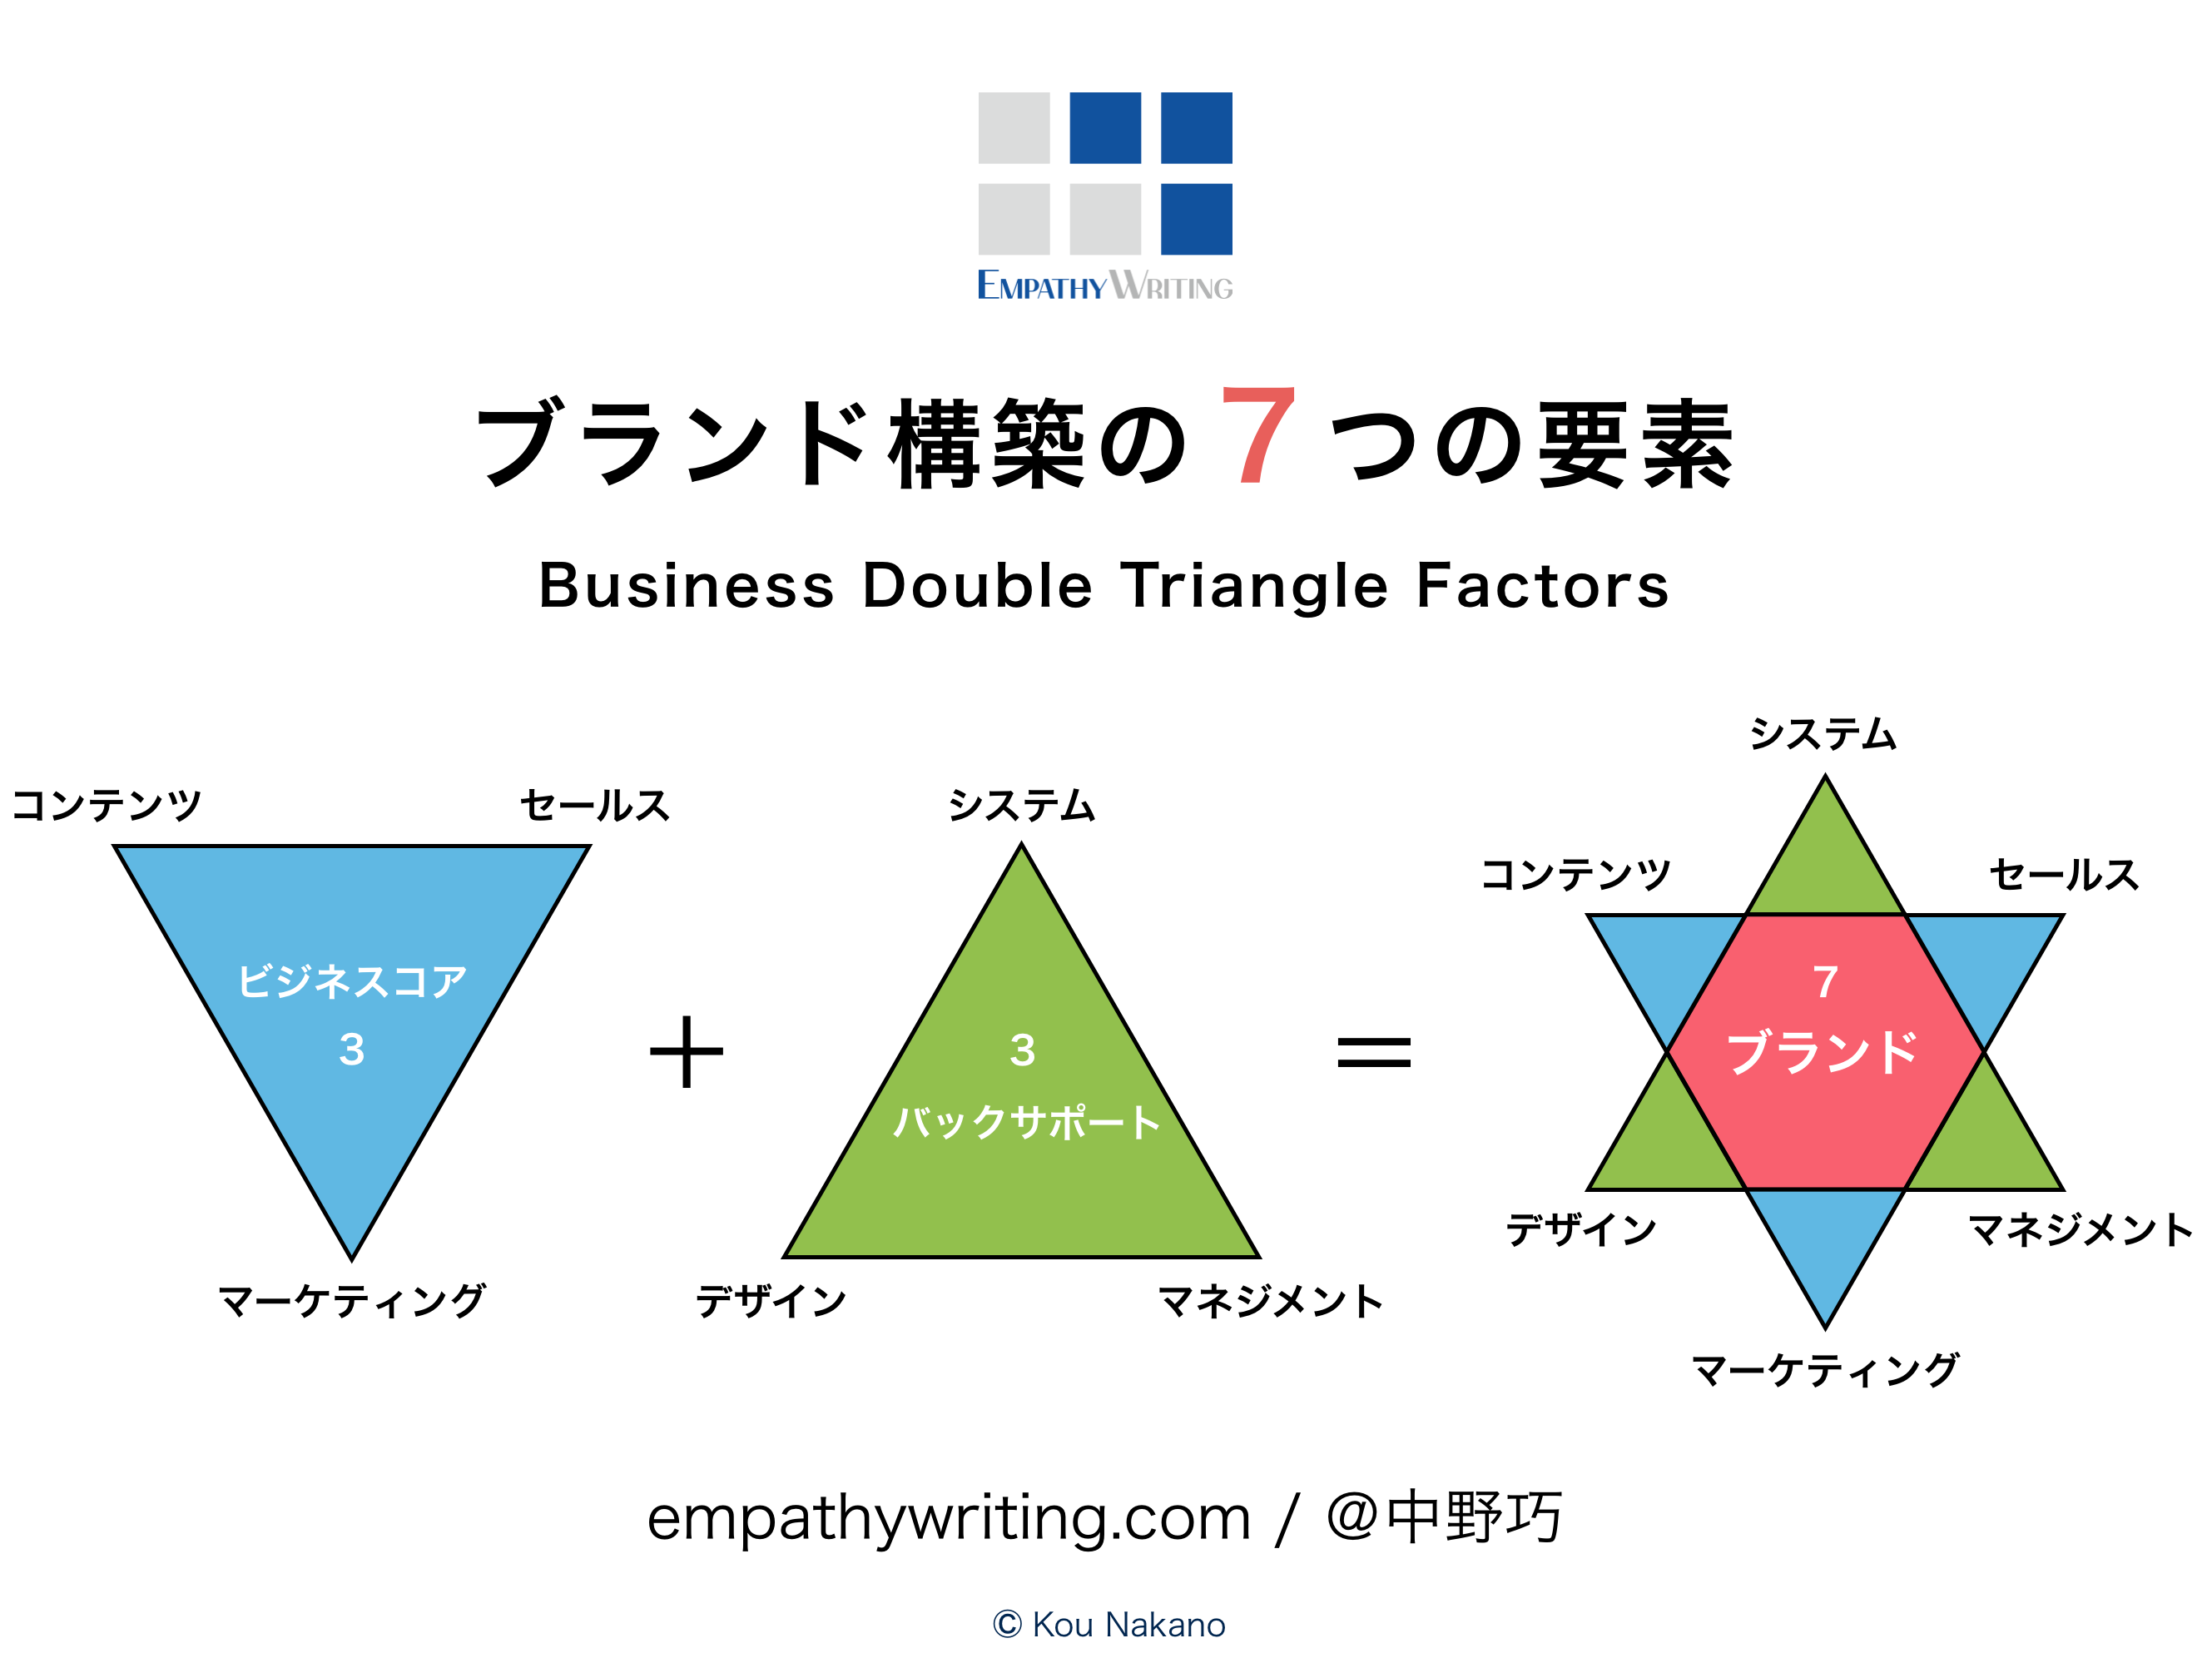 ブランド構築の7つの要素